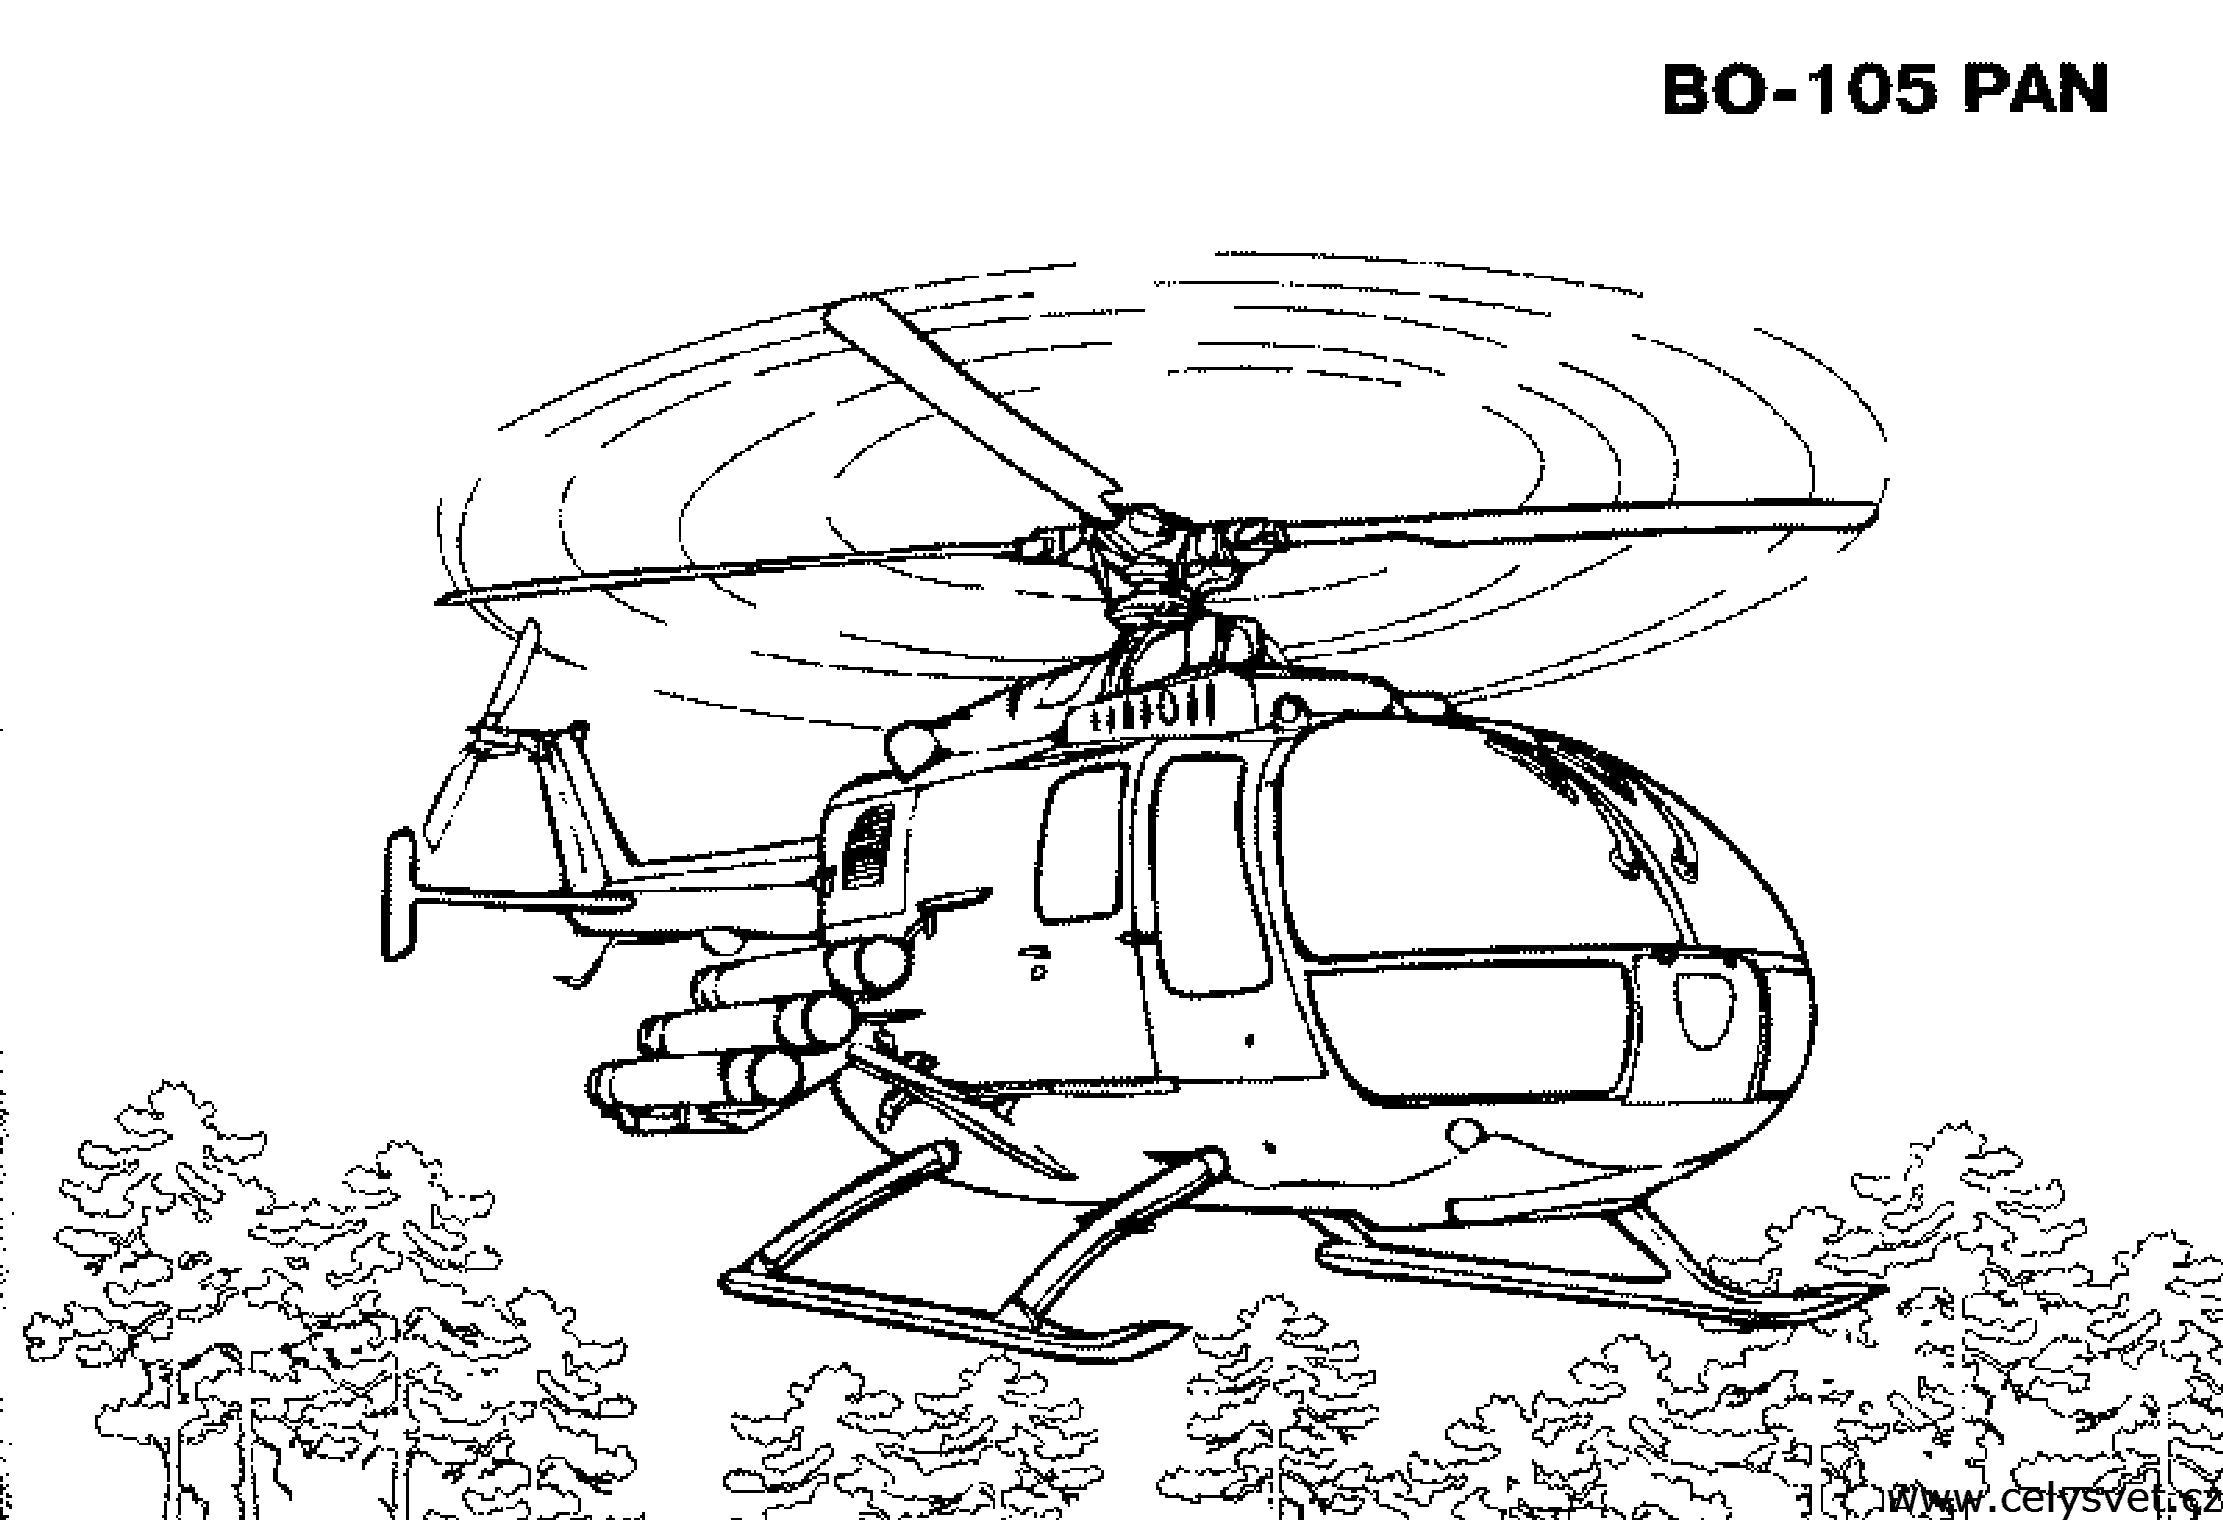 Раскраска Распечатать бесплатные  для детей: Техника: Вертолеты. Скачать вертолет.  Распечатать вертолет